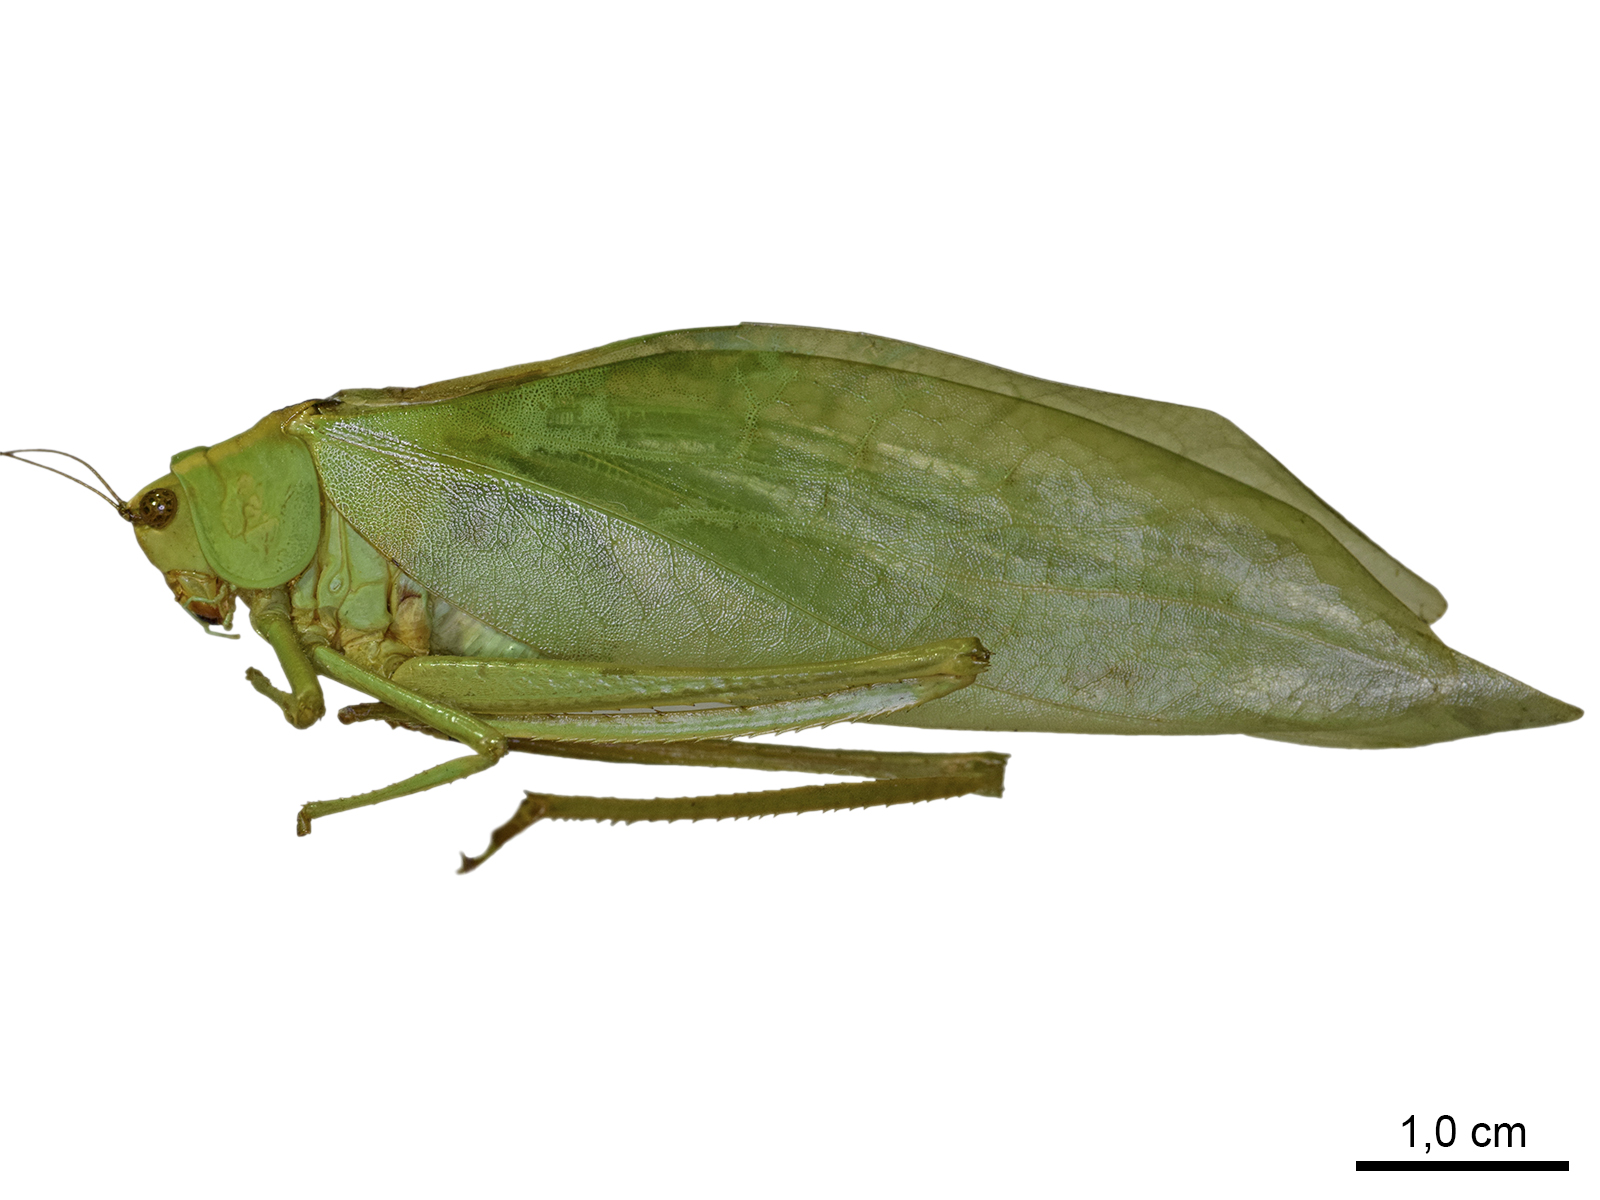 Stilpnochloramarginella(Serville, 1838)